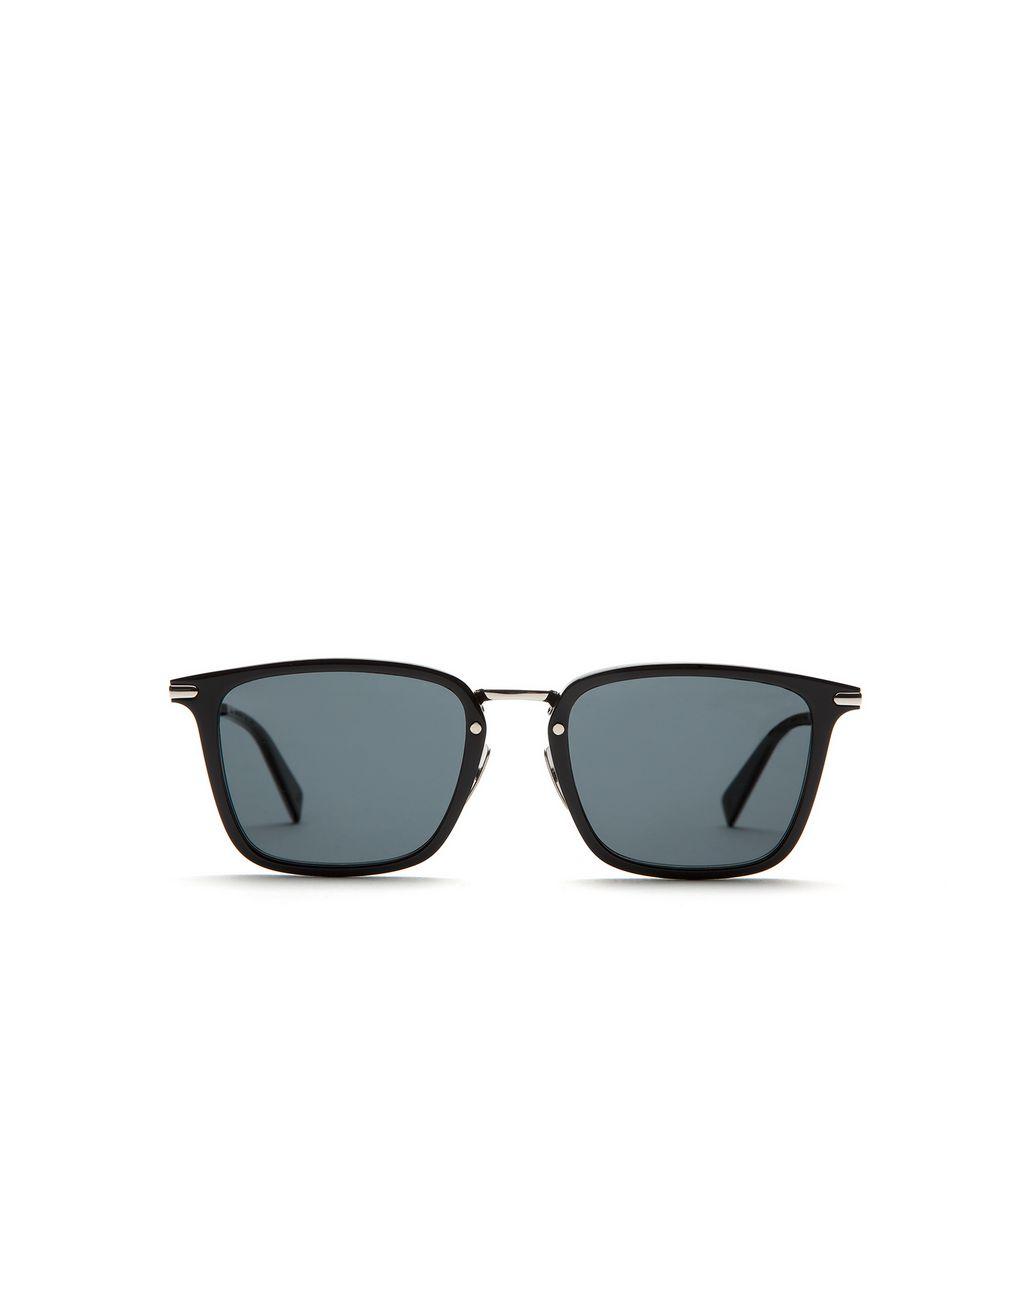 BRIONI Солнцезащитные очки в блестящей чёрной оправе с прямоугольными линзами серого цвета  Солнцезащитные очки Для Мужчин f